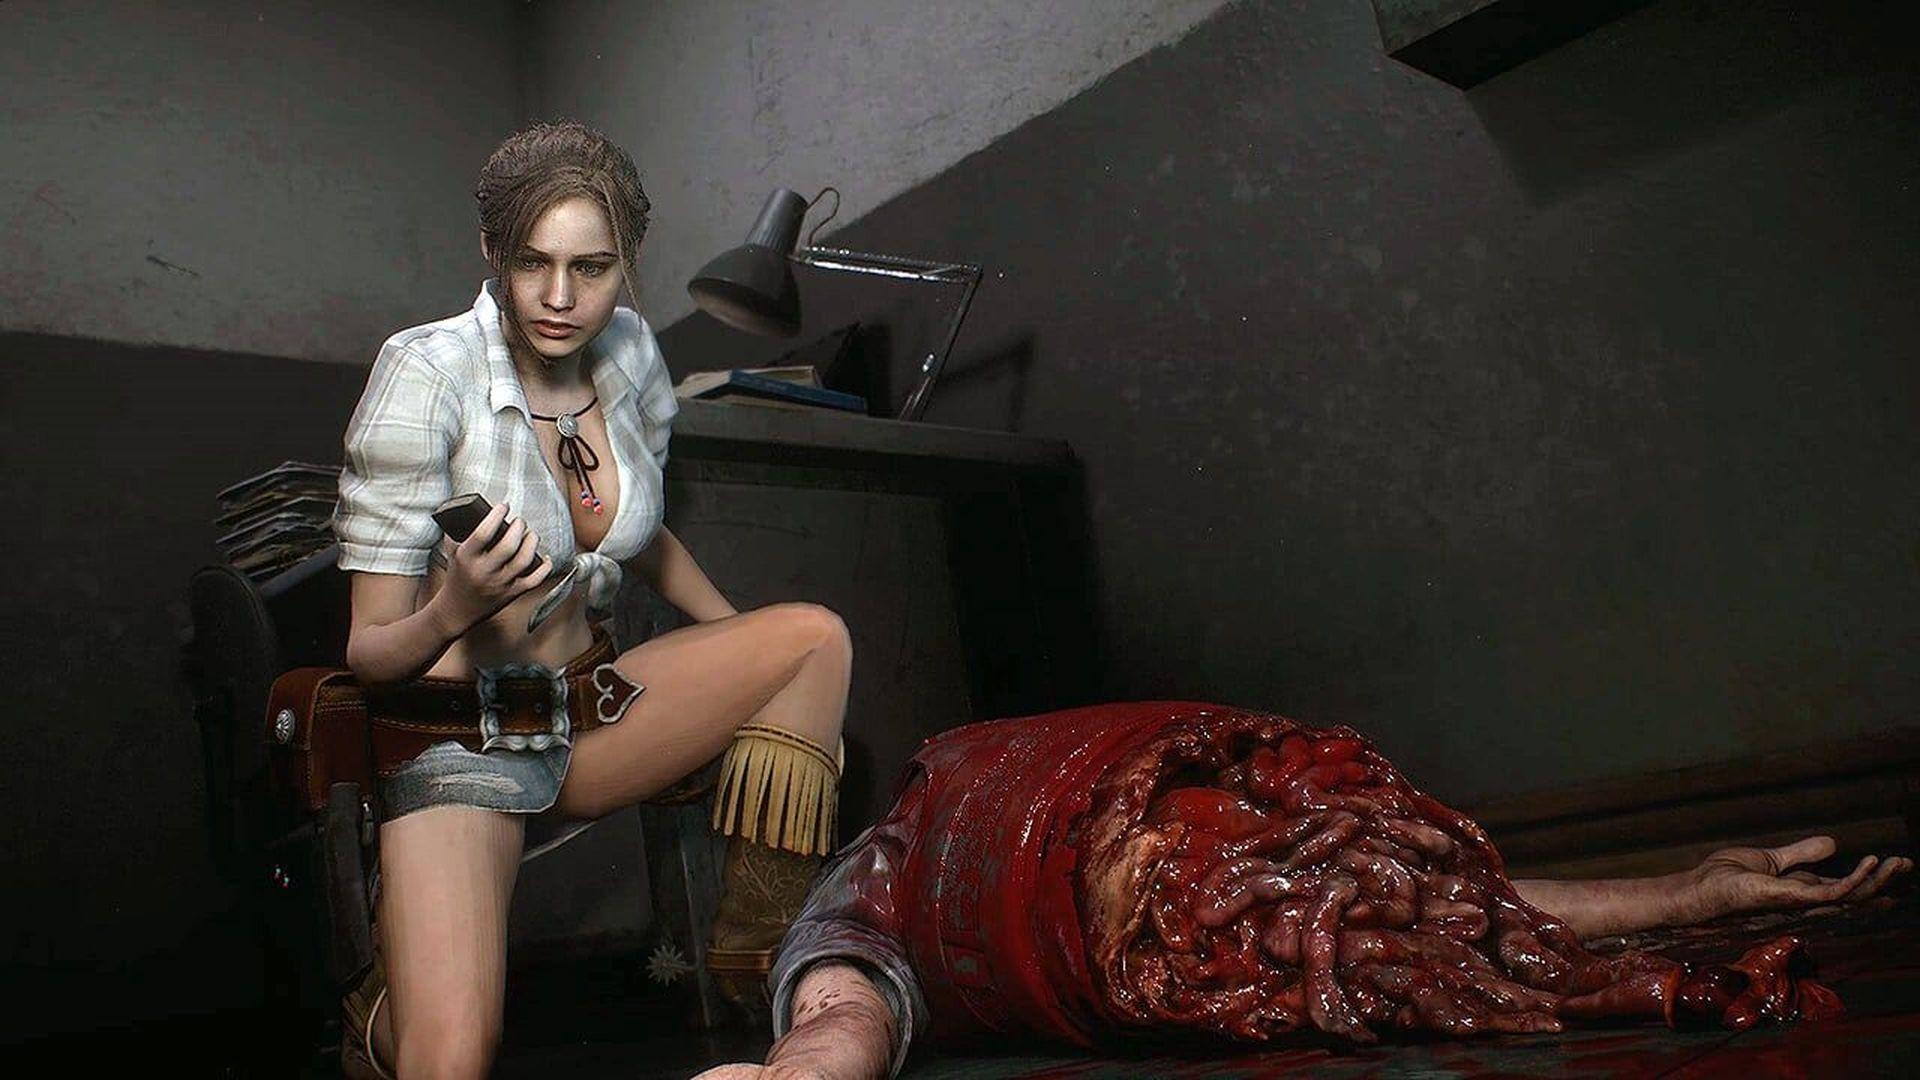 000145.Jpg - Resident Evil 2